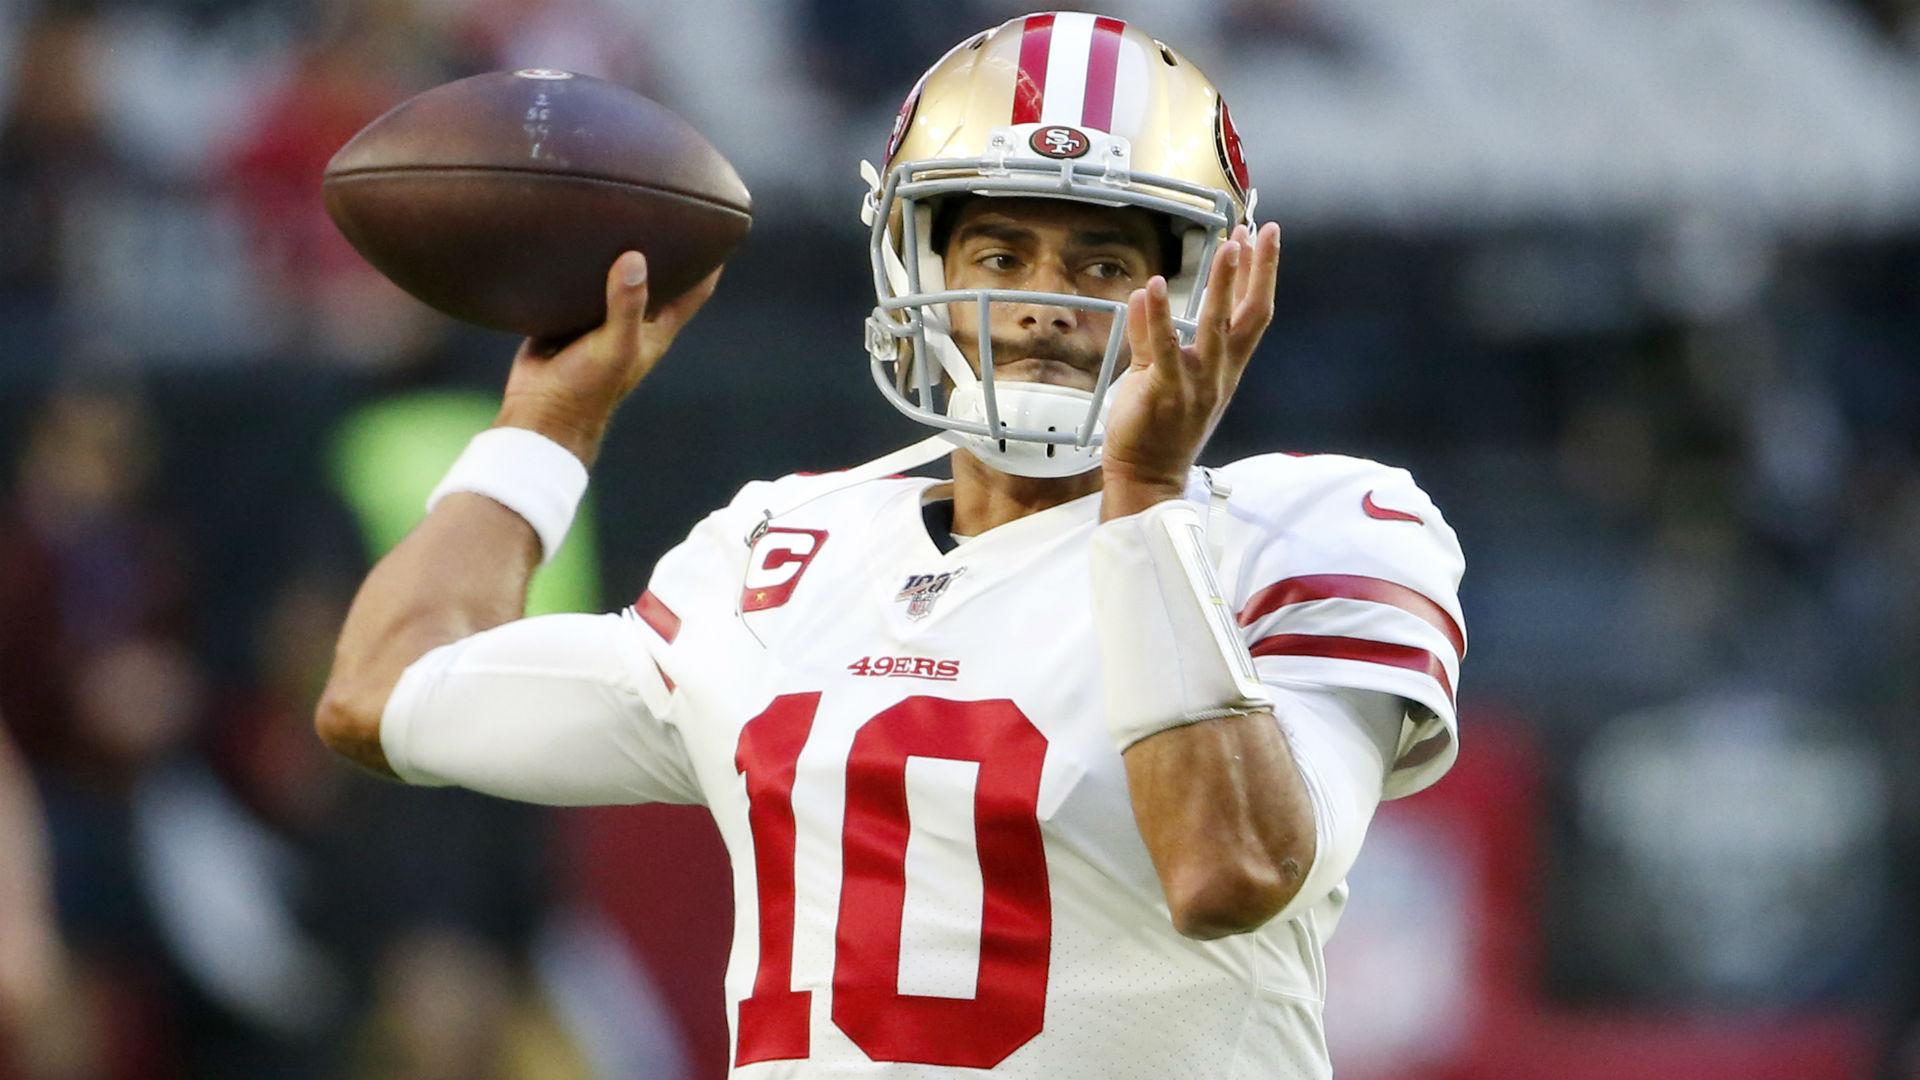 Selecciones de la NFL, predicciones contra el spread para la semana 14: 49ers vencieron a los Saints; Los carneros molestaron a los Seahawks; Cuervos facturas superiores 2